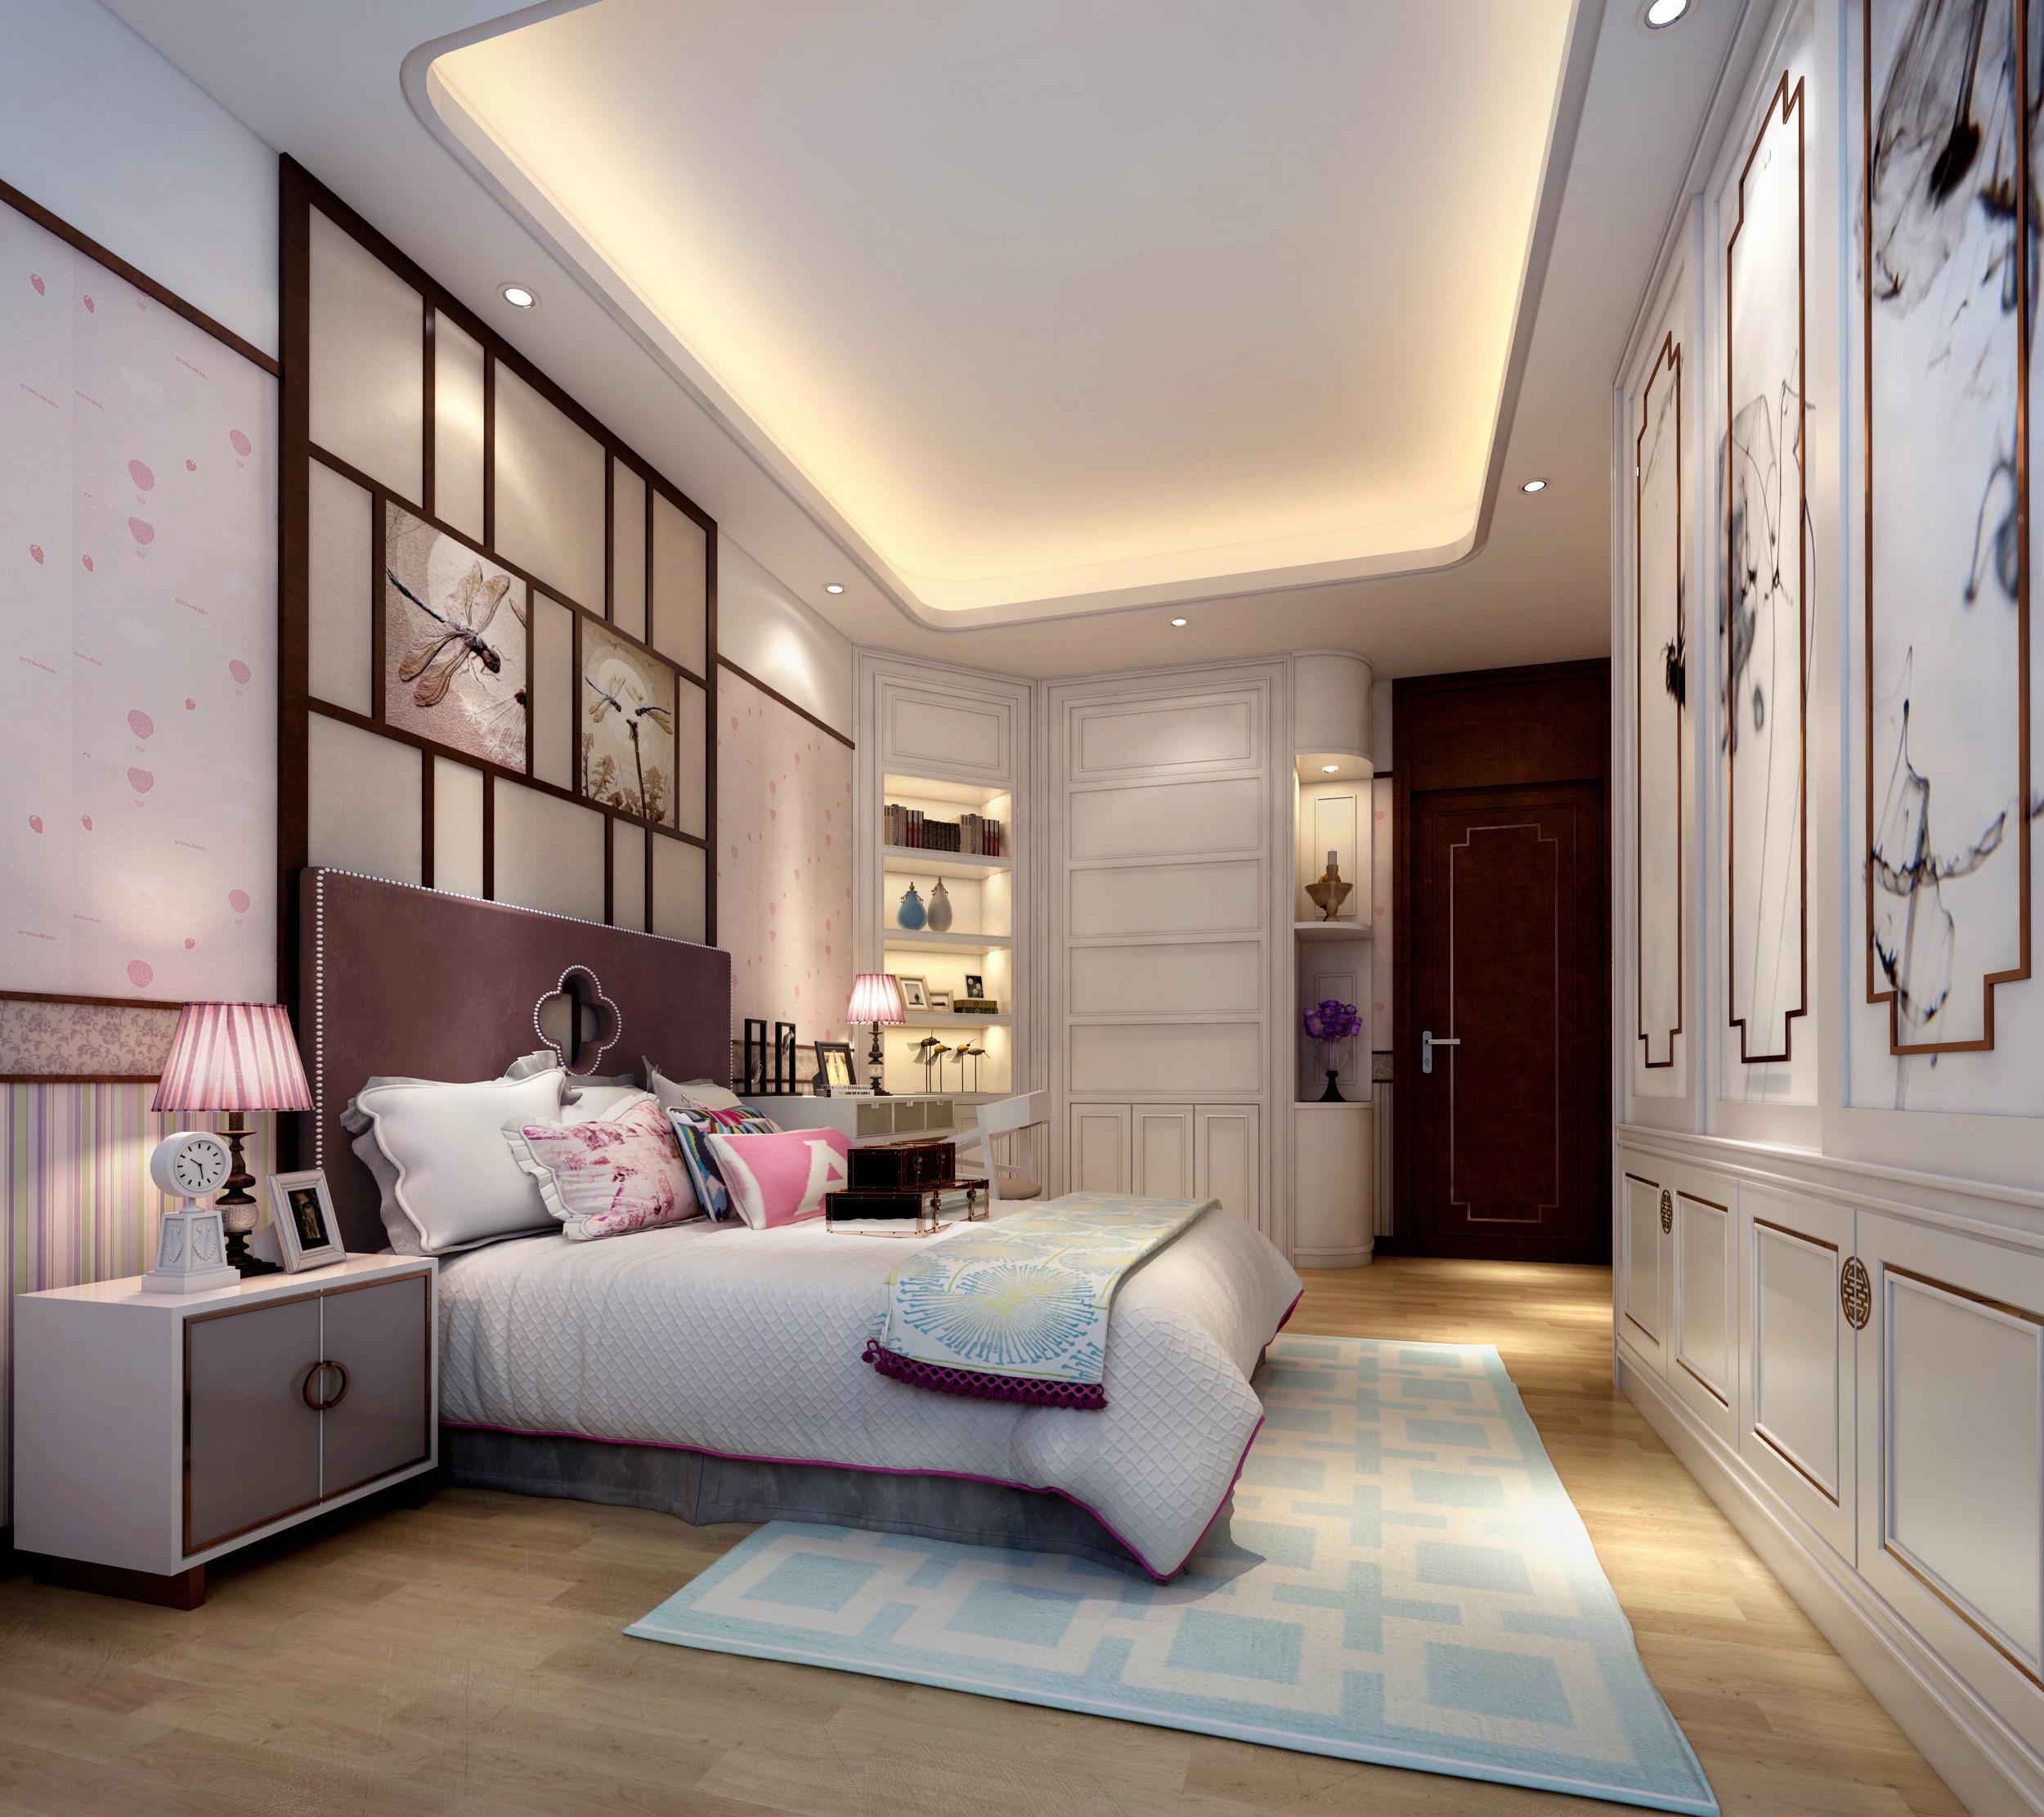 中式风格四房舒适10-15万120平米卧室床新房设计图图片